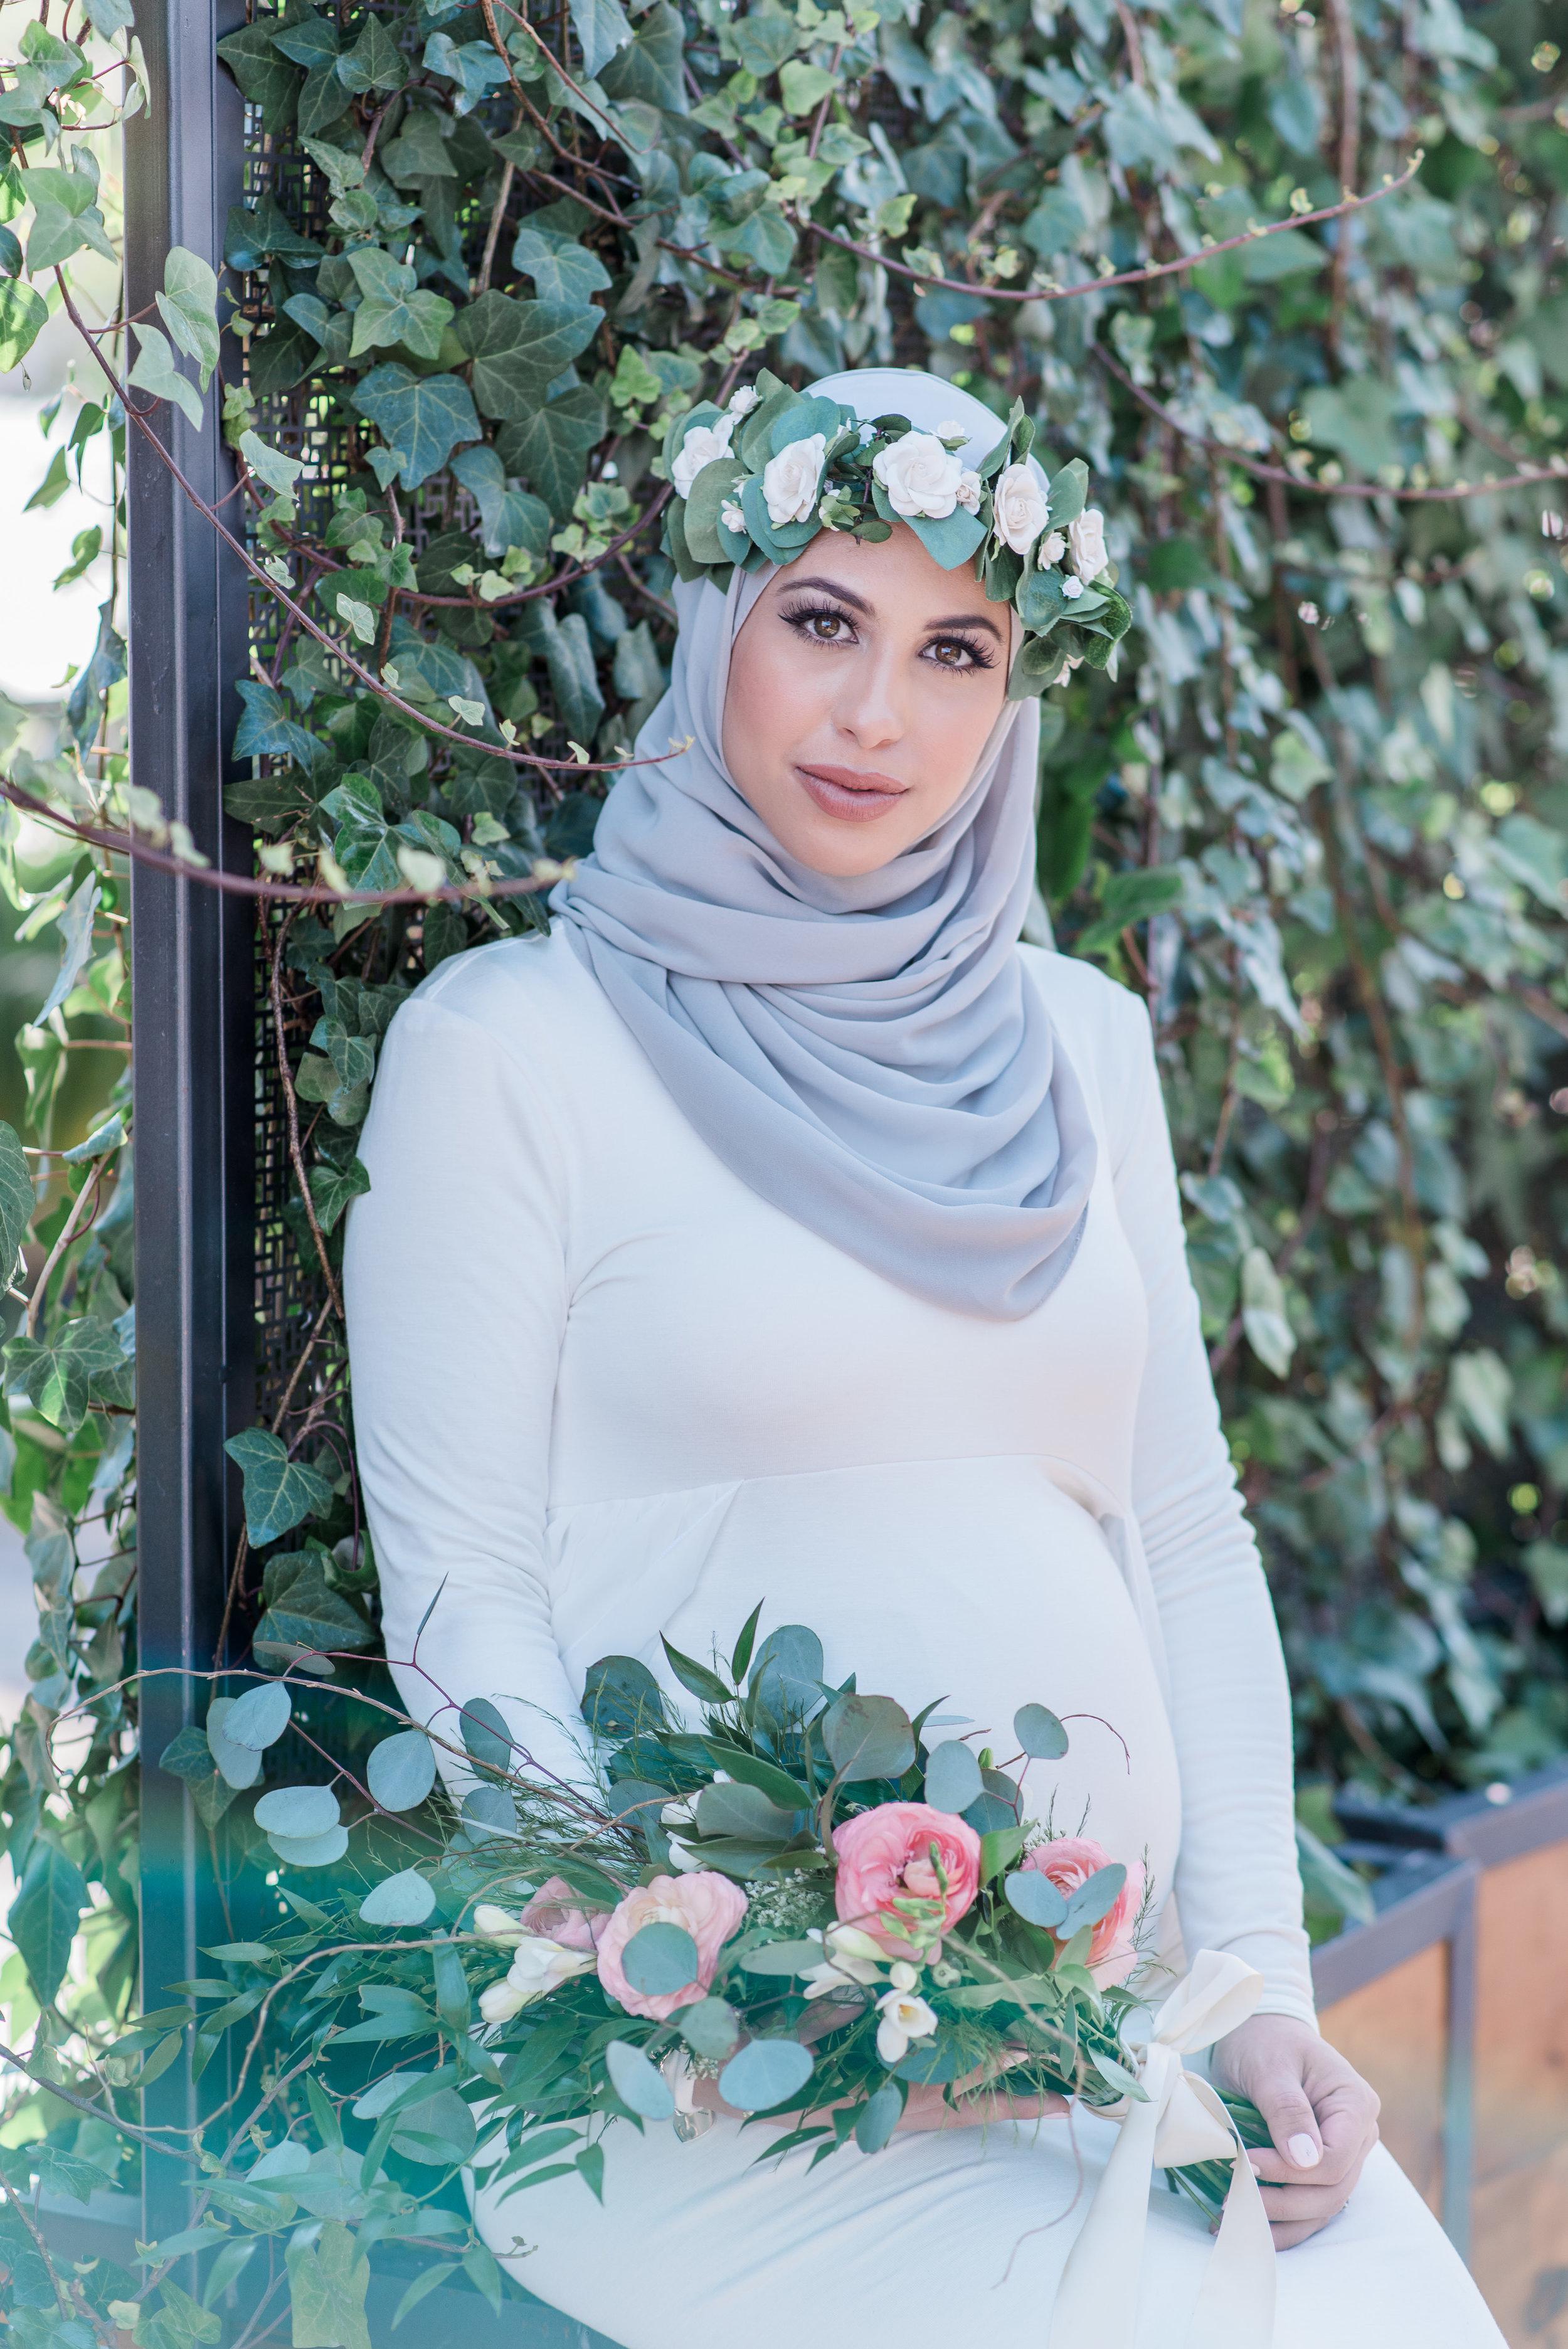 Hanan Tehaili Maternity Aquatopia_White Dress.jpg